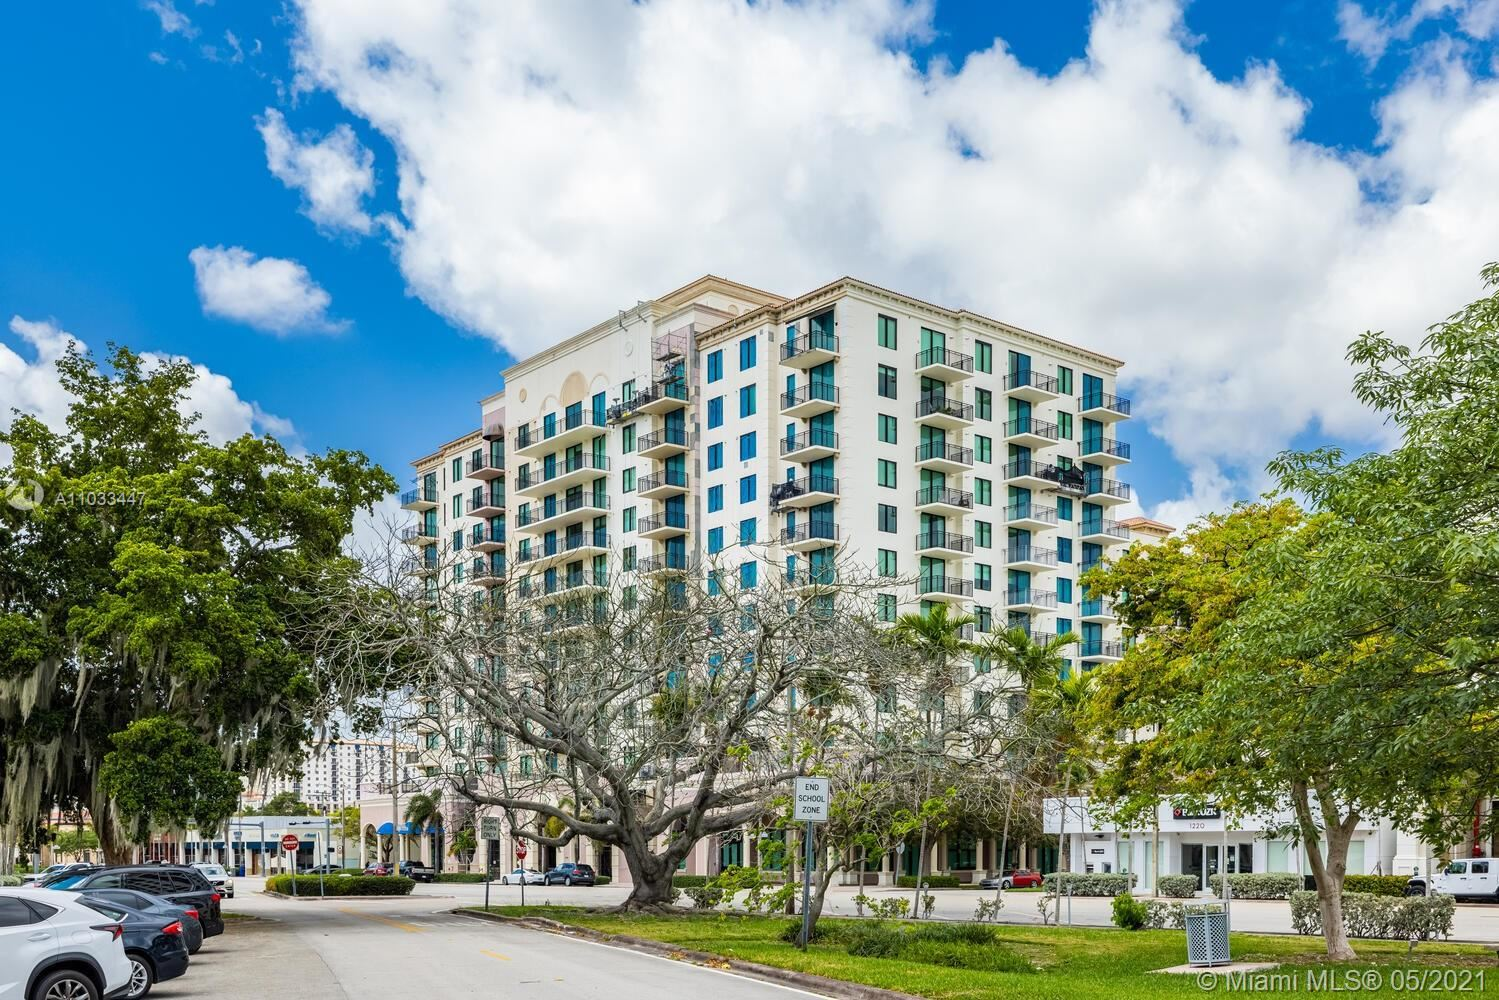 1300 Ponce De Leon Blvd #810, Coral Gables, FL 33134 - #: A11033447